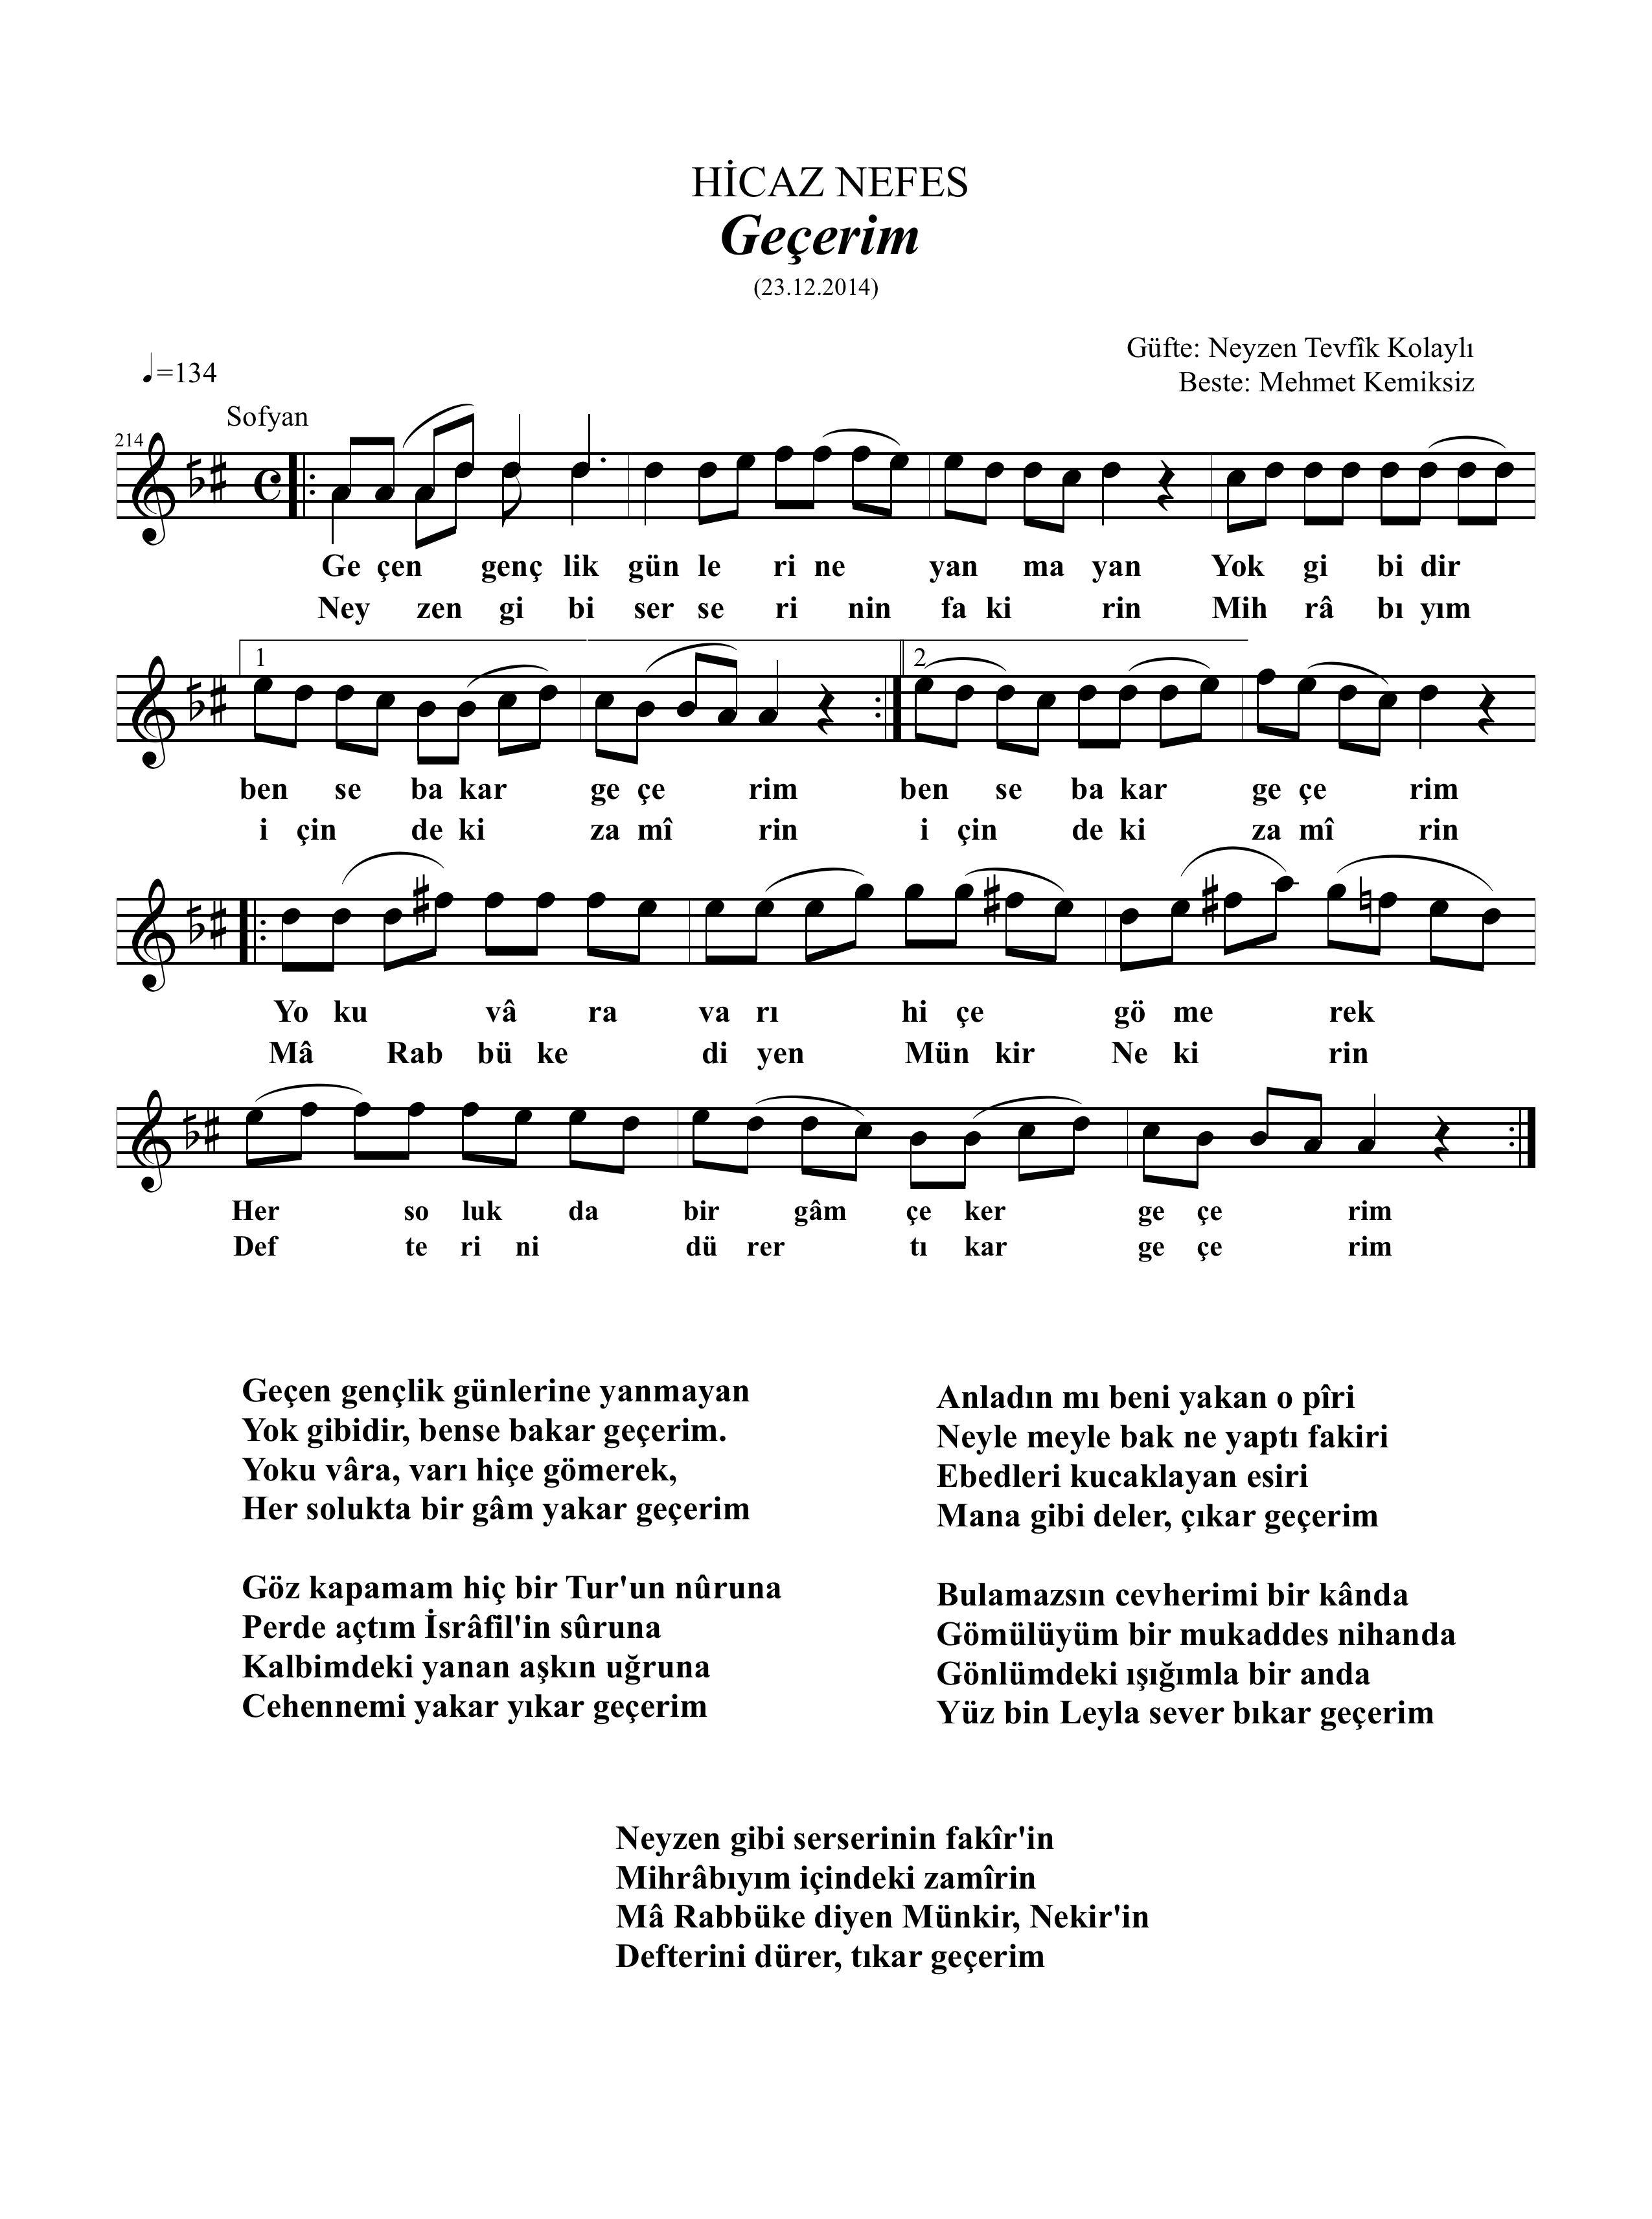 214-Hicaz-Gecerim